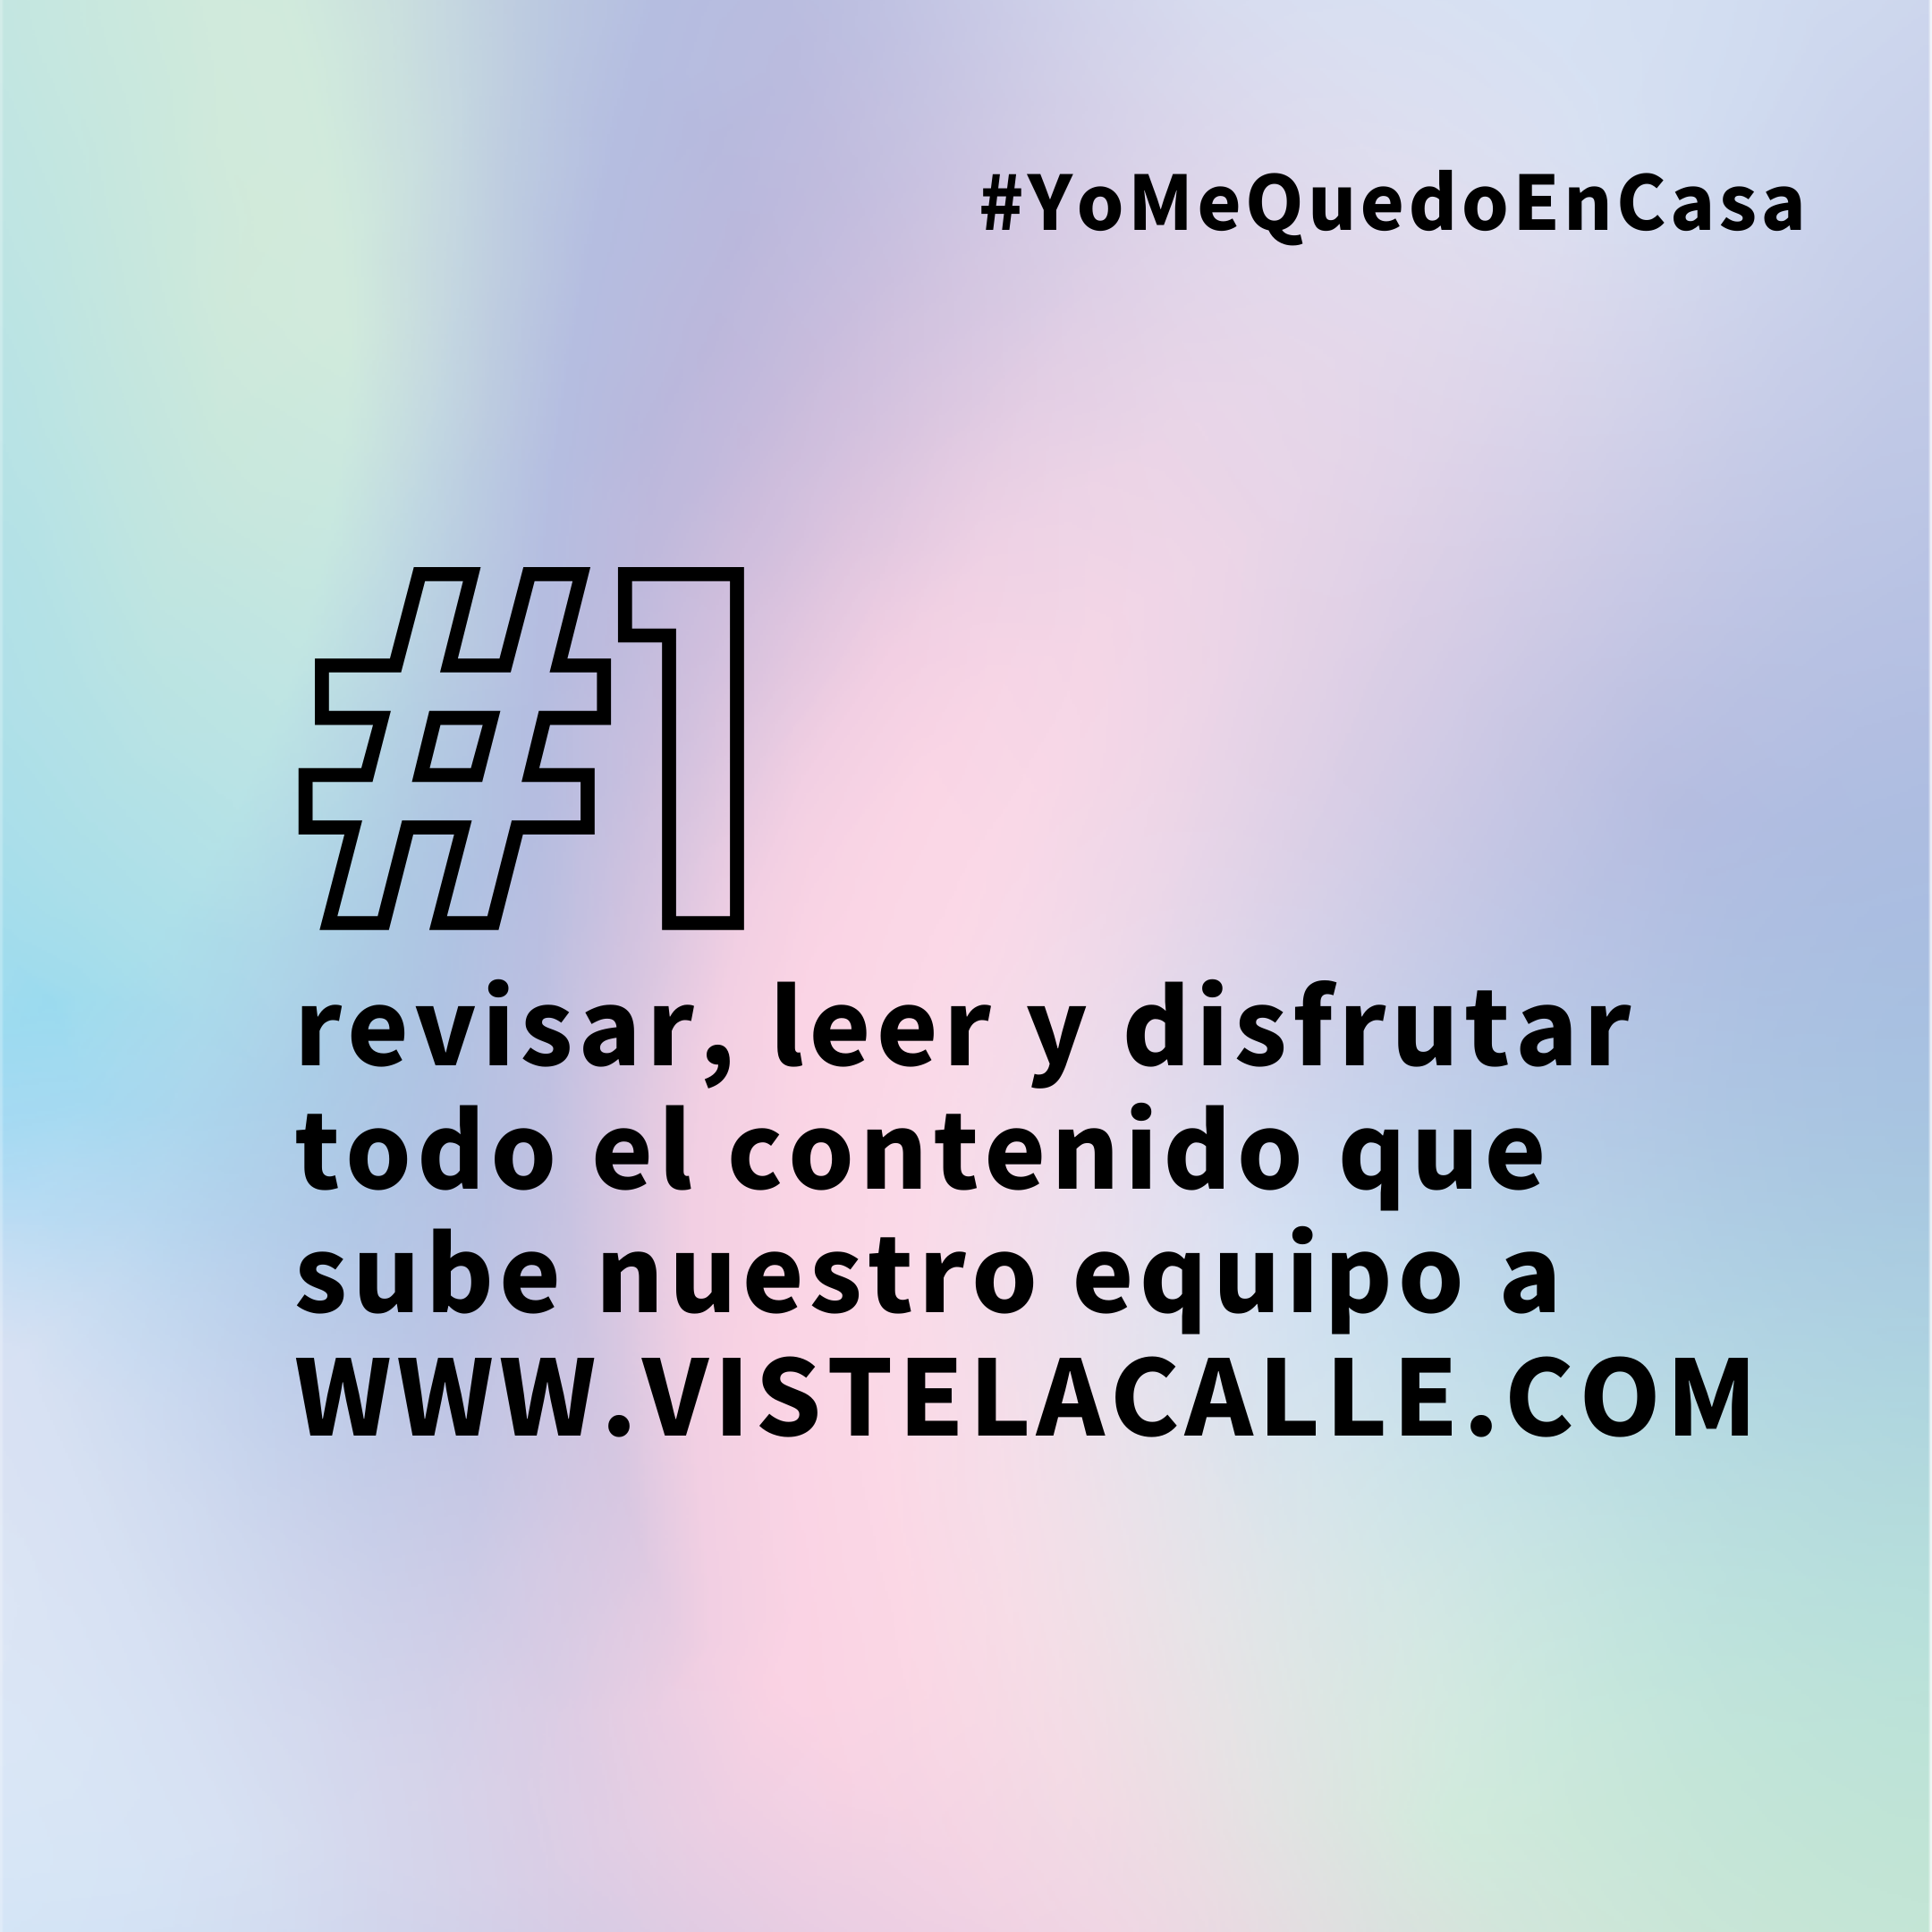 @yoencasita, la cuenta de Instagram que nos entrega cientos de recomendaciones para hacer en casa